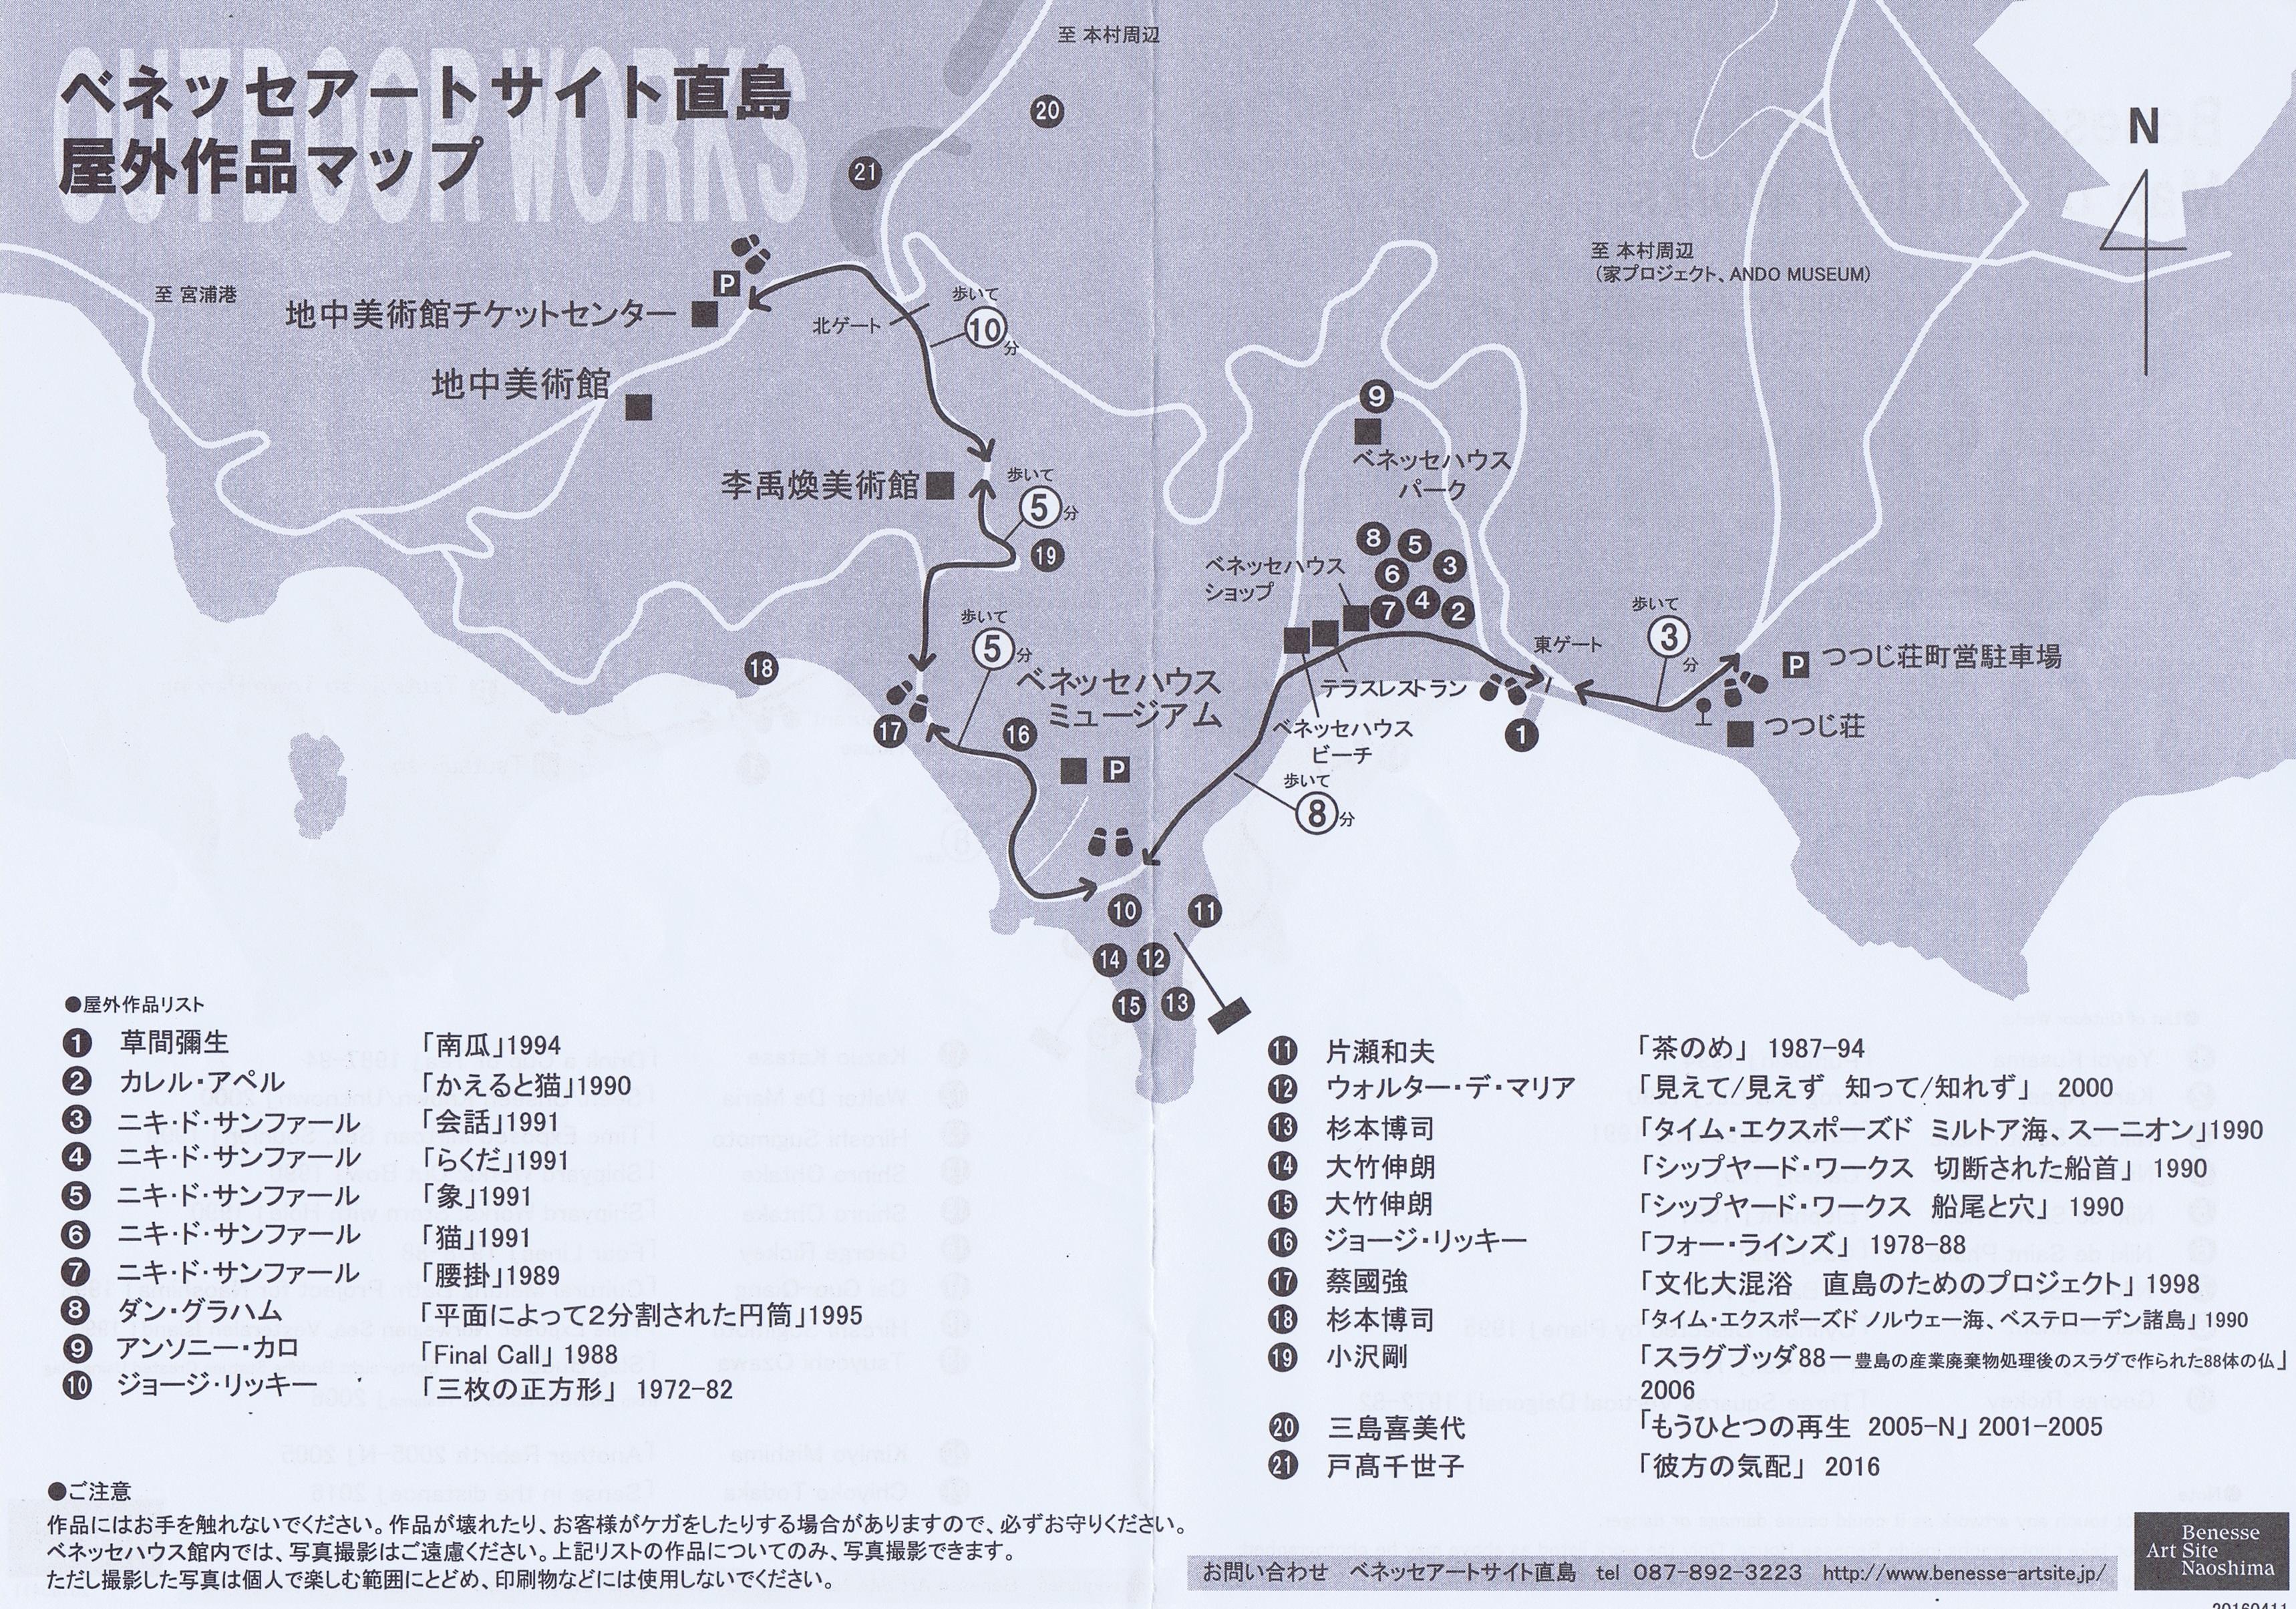 ベネッセ屋外展示作品地図